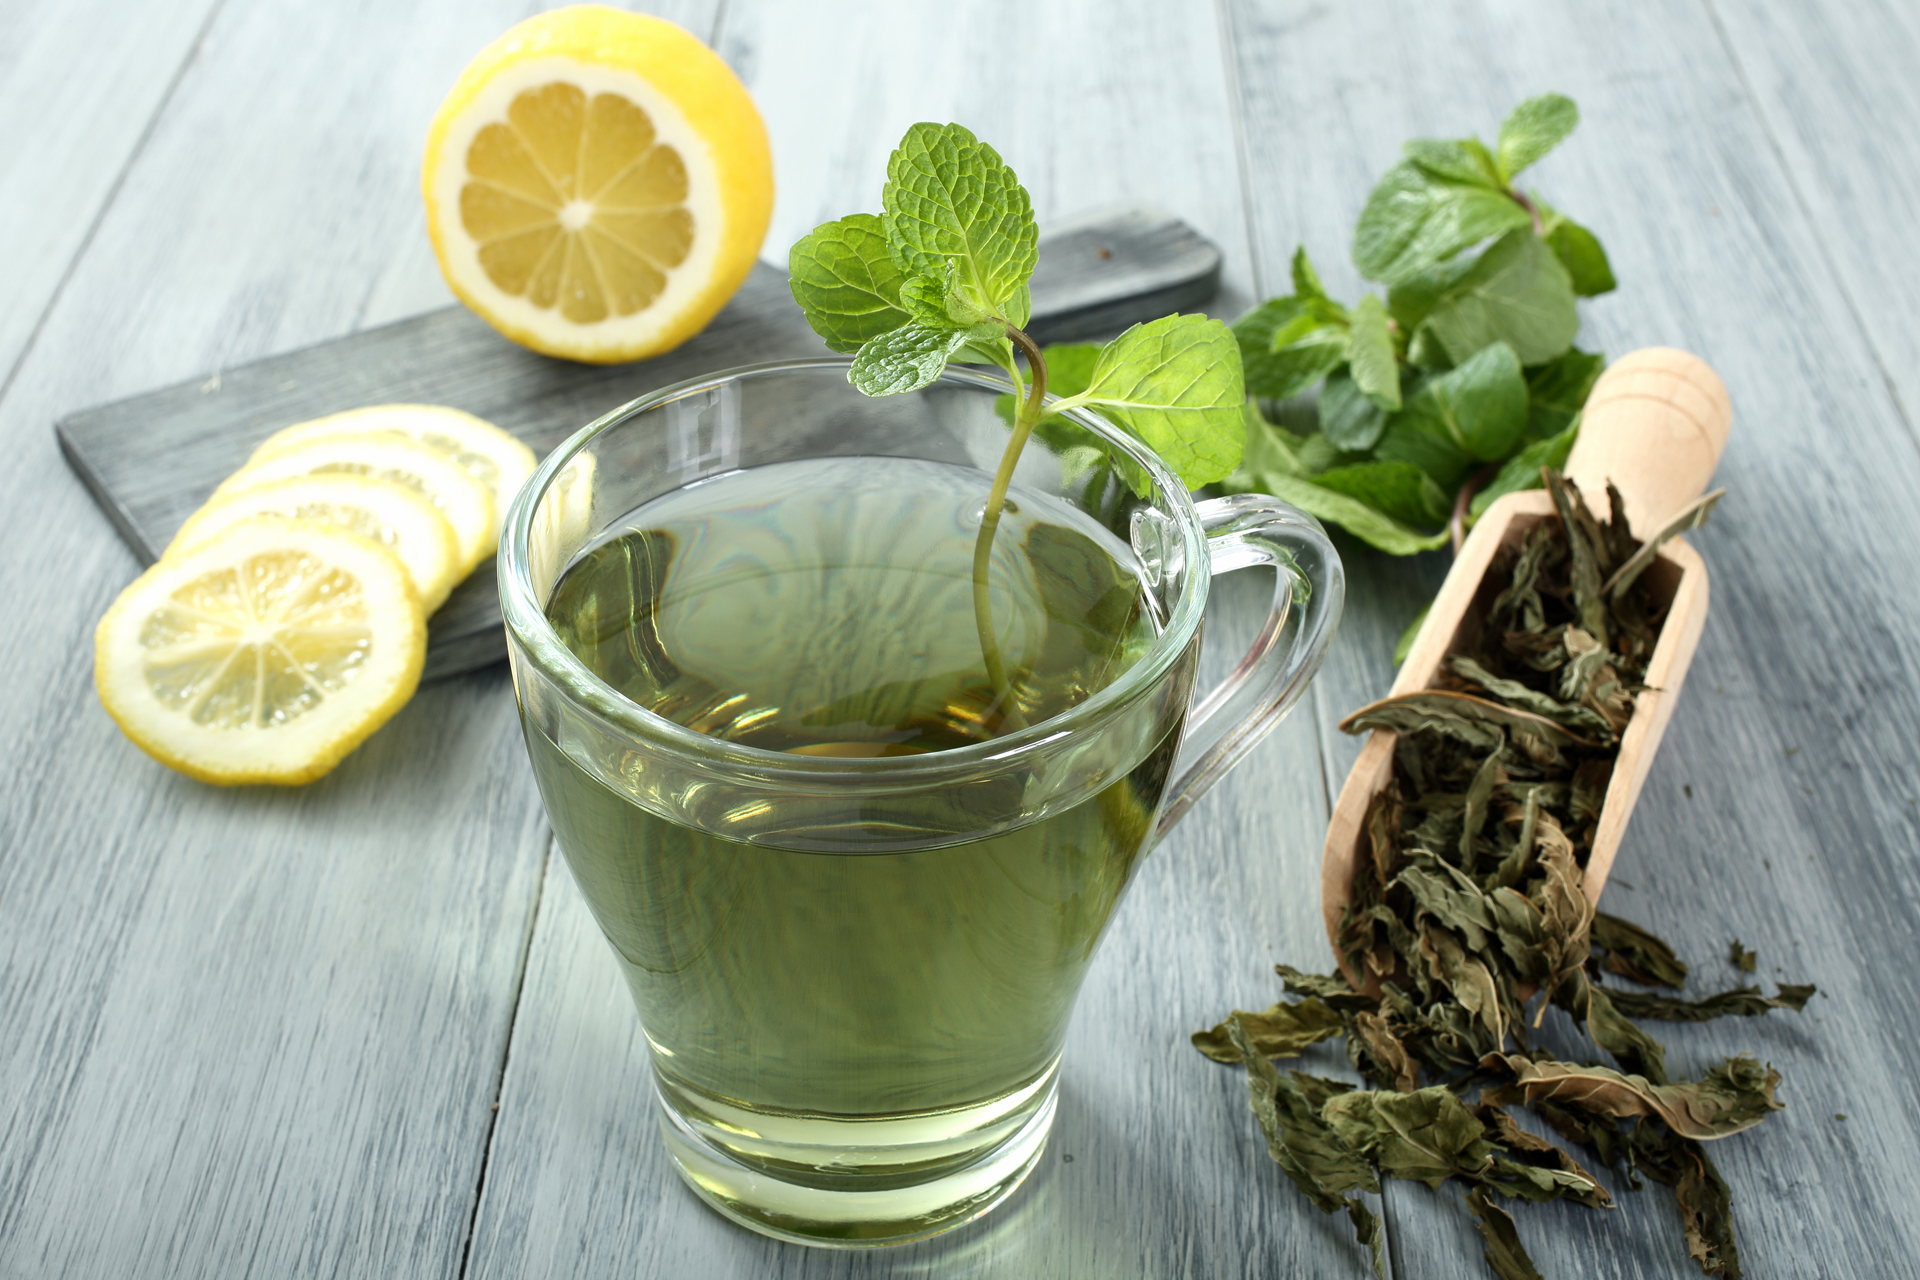 Se debe hacer hincapié en una correcta hidratación diaria: agua pura, infusiones como el té verde y limonadas caseras (Getty Images)